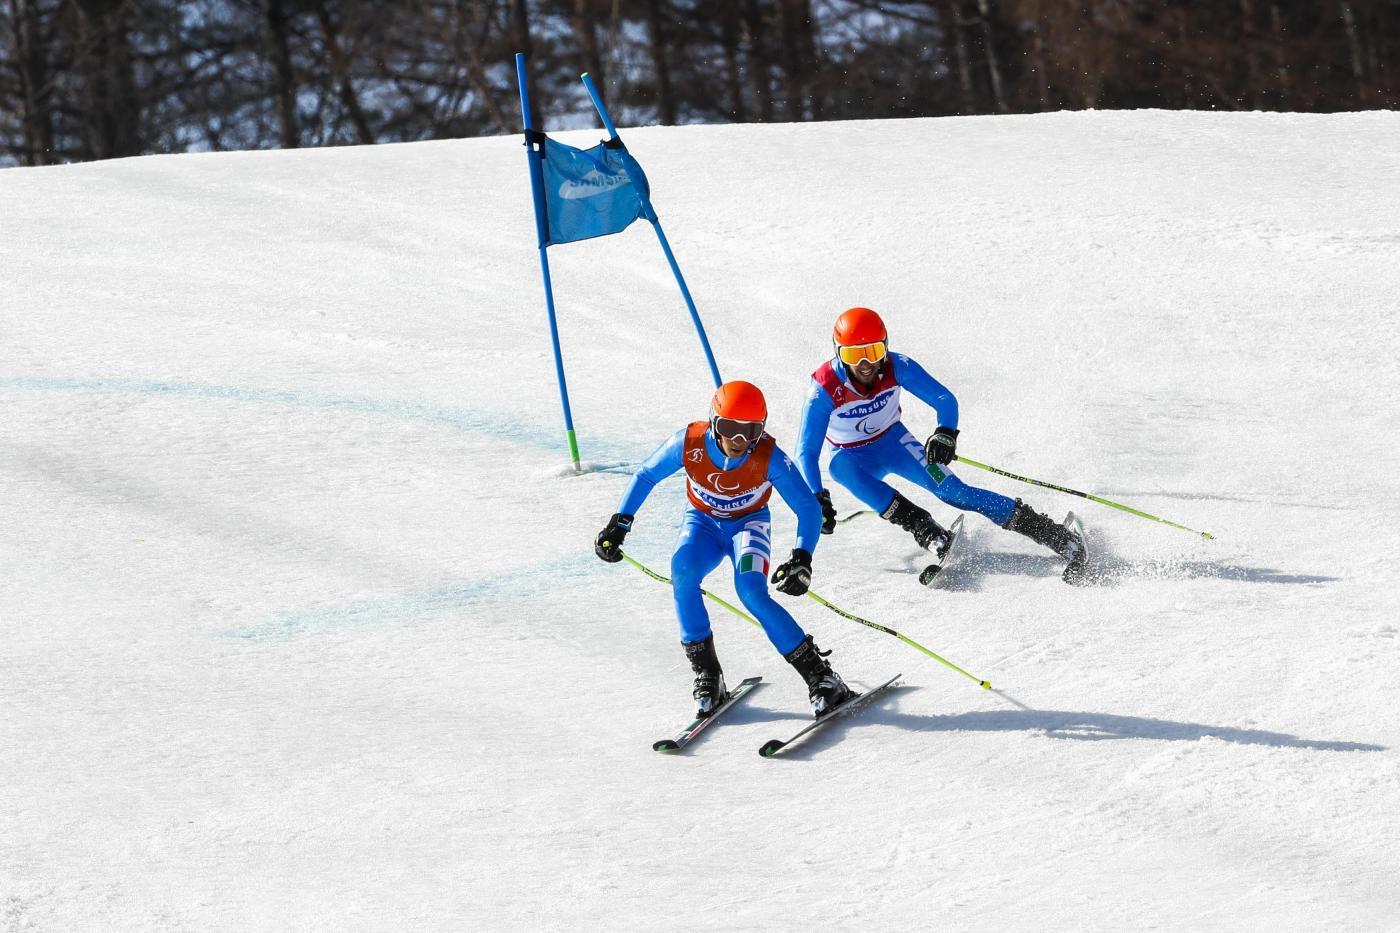 Paralimpiadi, Bertagnolli vince anche l'oro